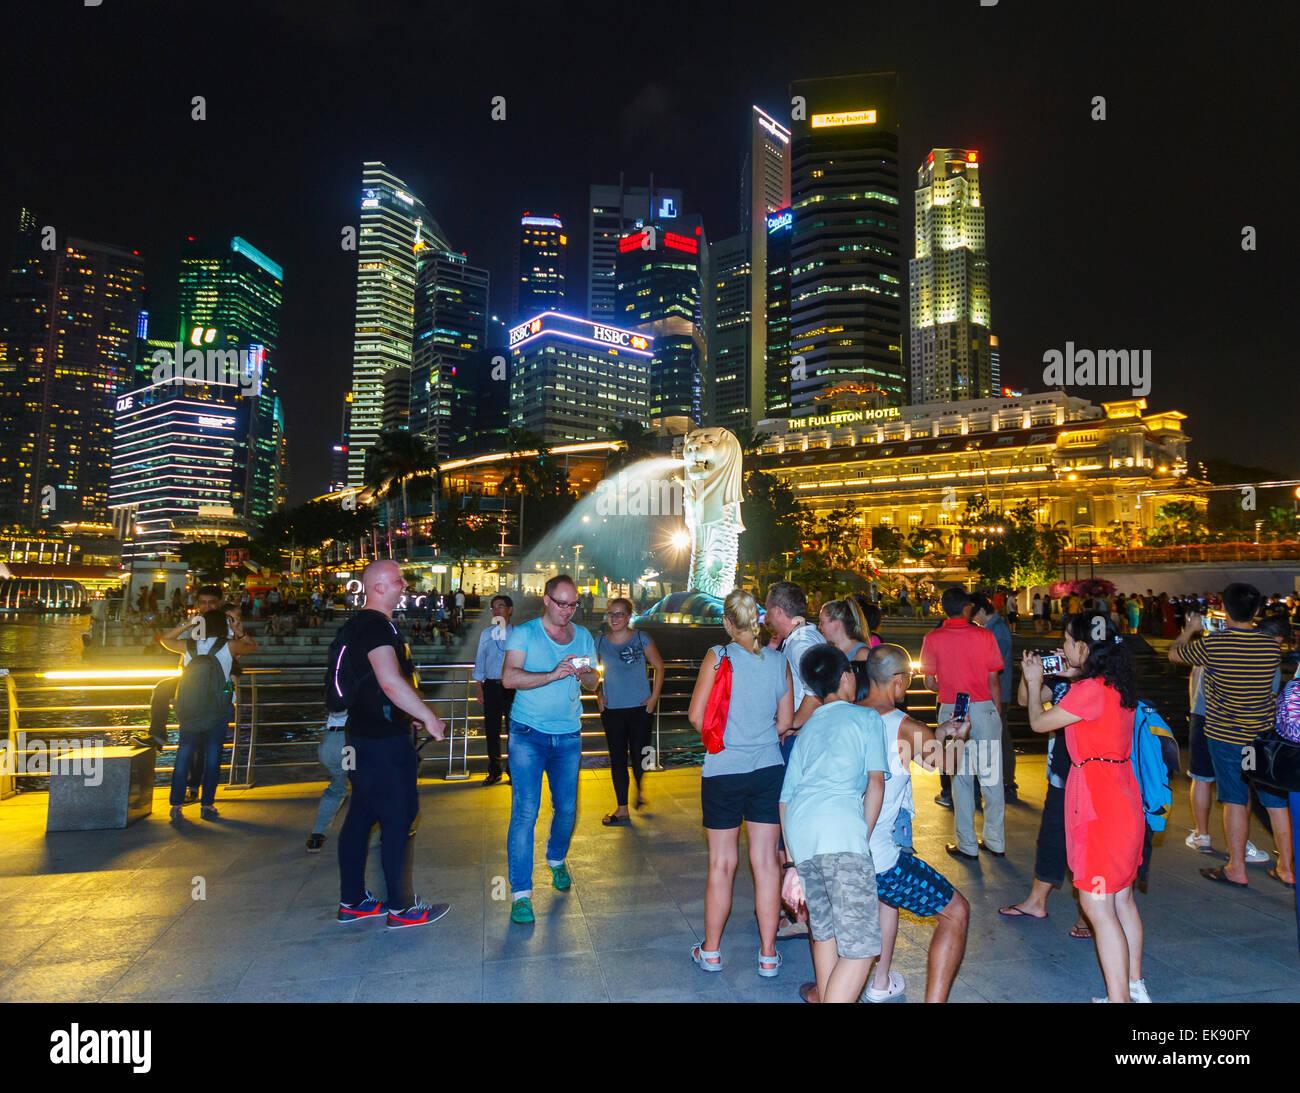 Gratte-ciel, statue du Merlion et personnes. Merlion Park. Singapour, en Asie. Banque D'Images